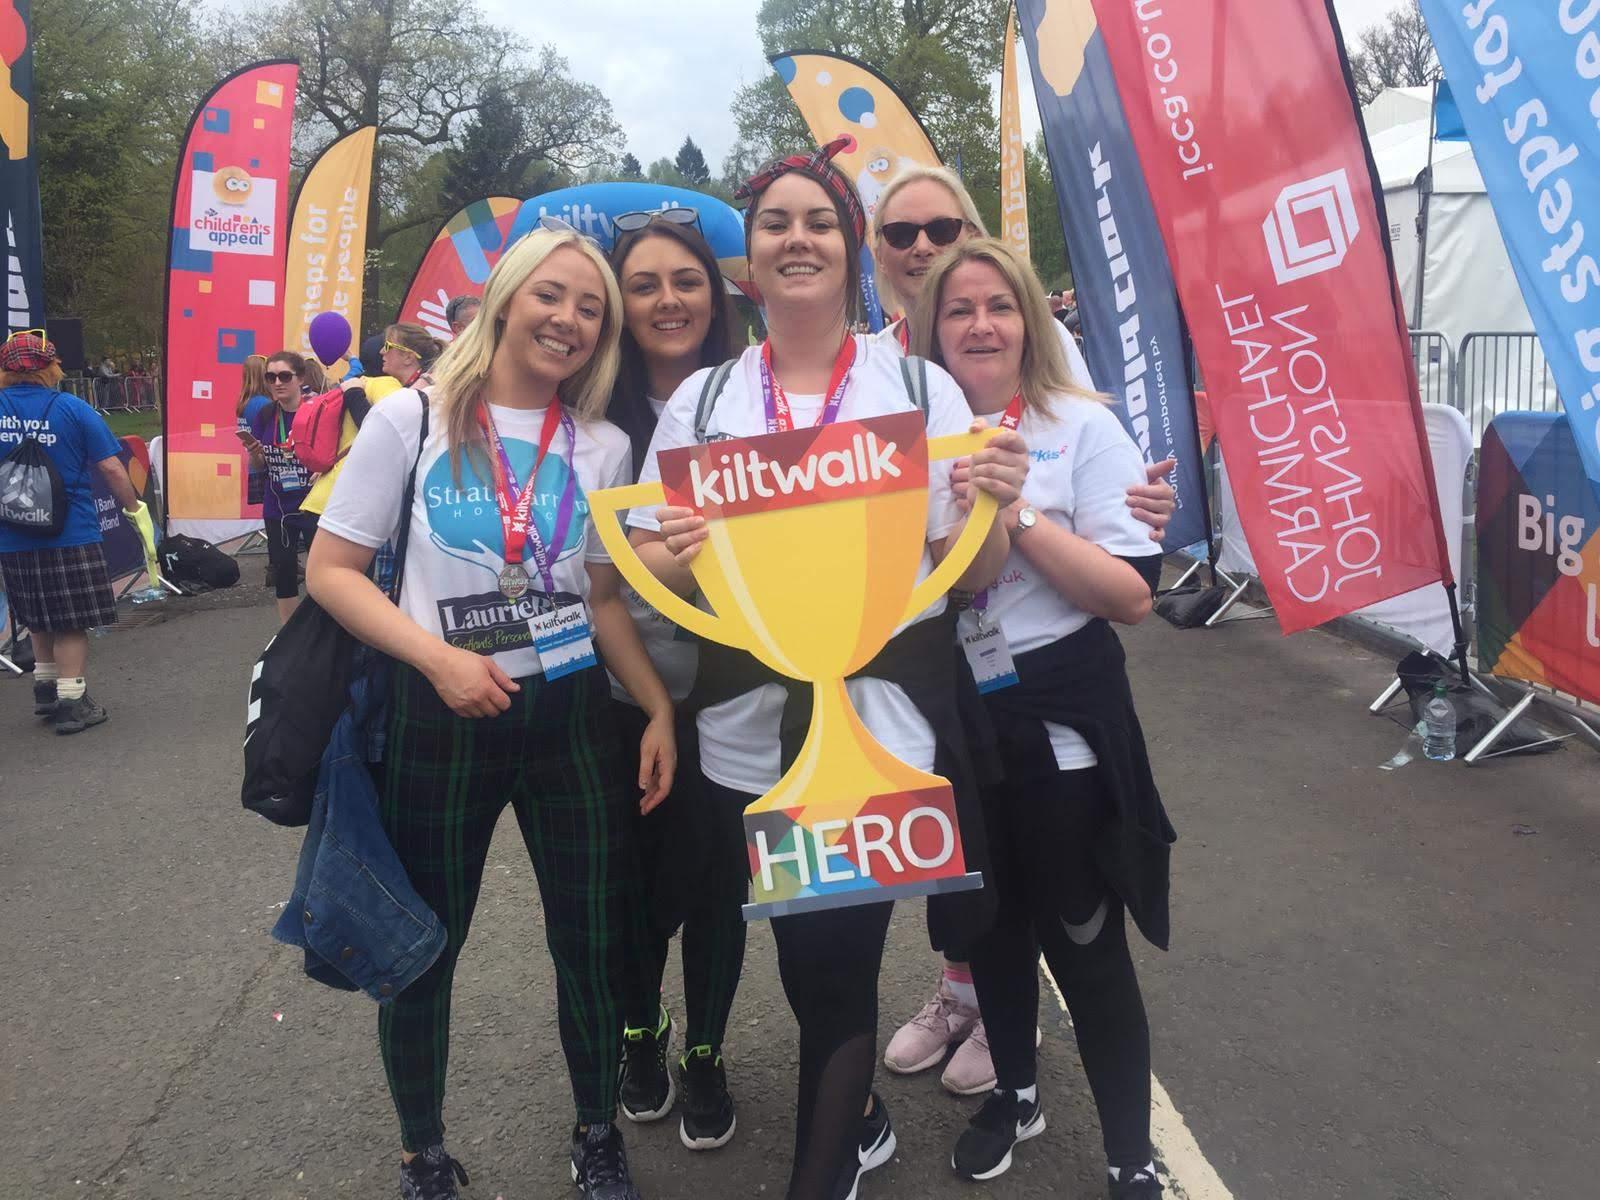 Kiltwalk 2019 – We raised £10,672! Featured Image